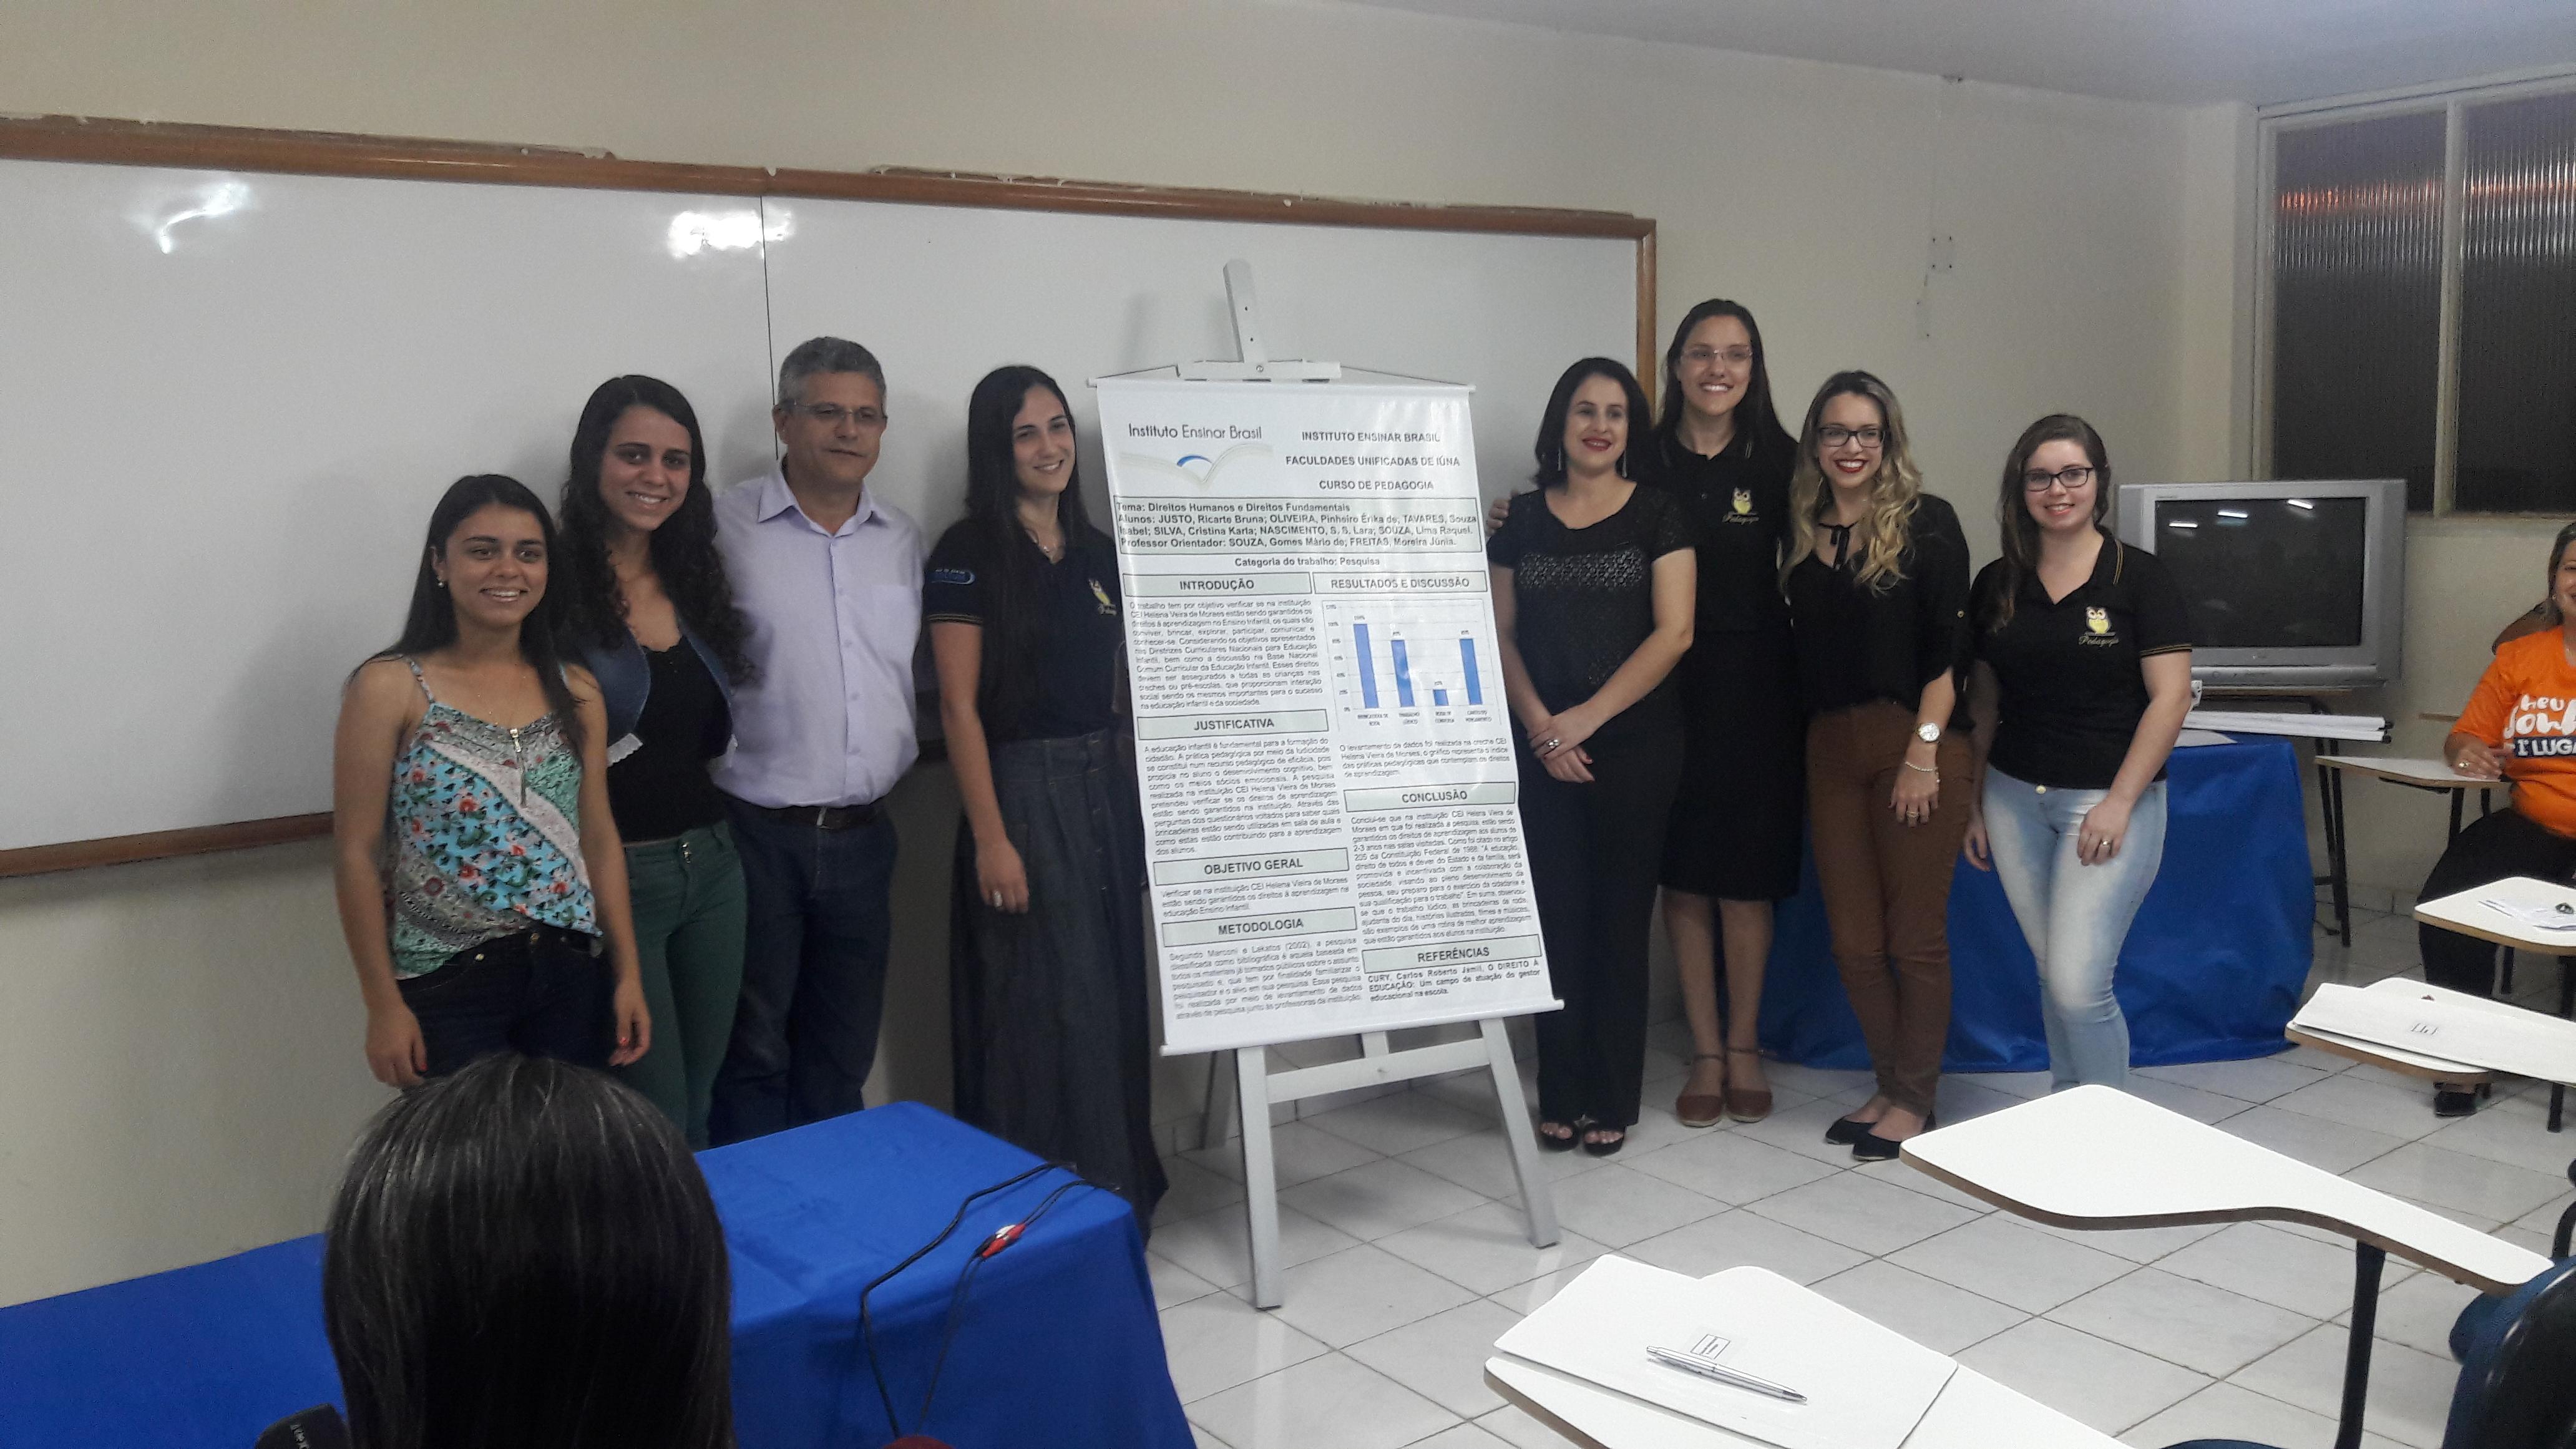 X Ateliê da Unidade de Iúna valoriza trabalhos científicos dos alunos